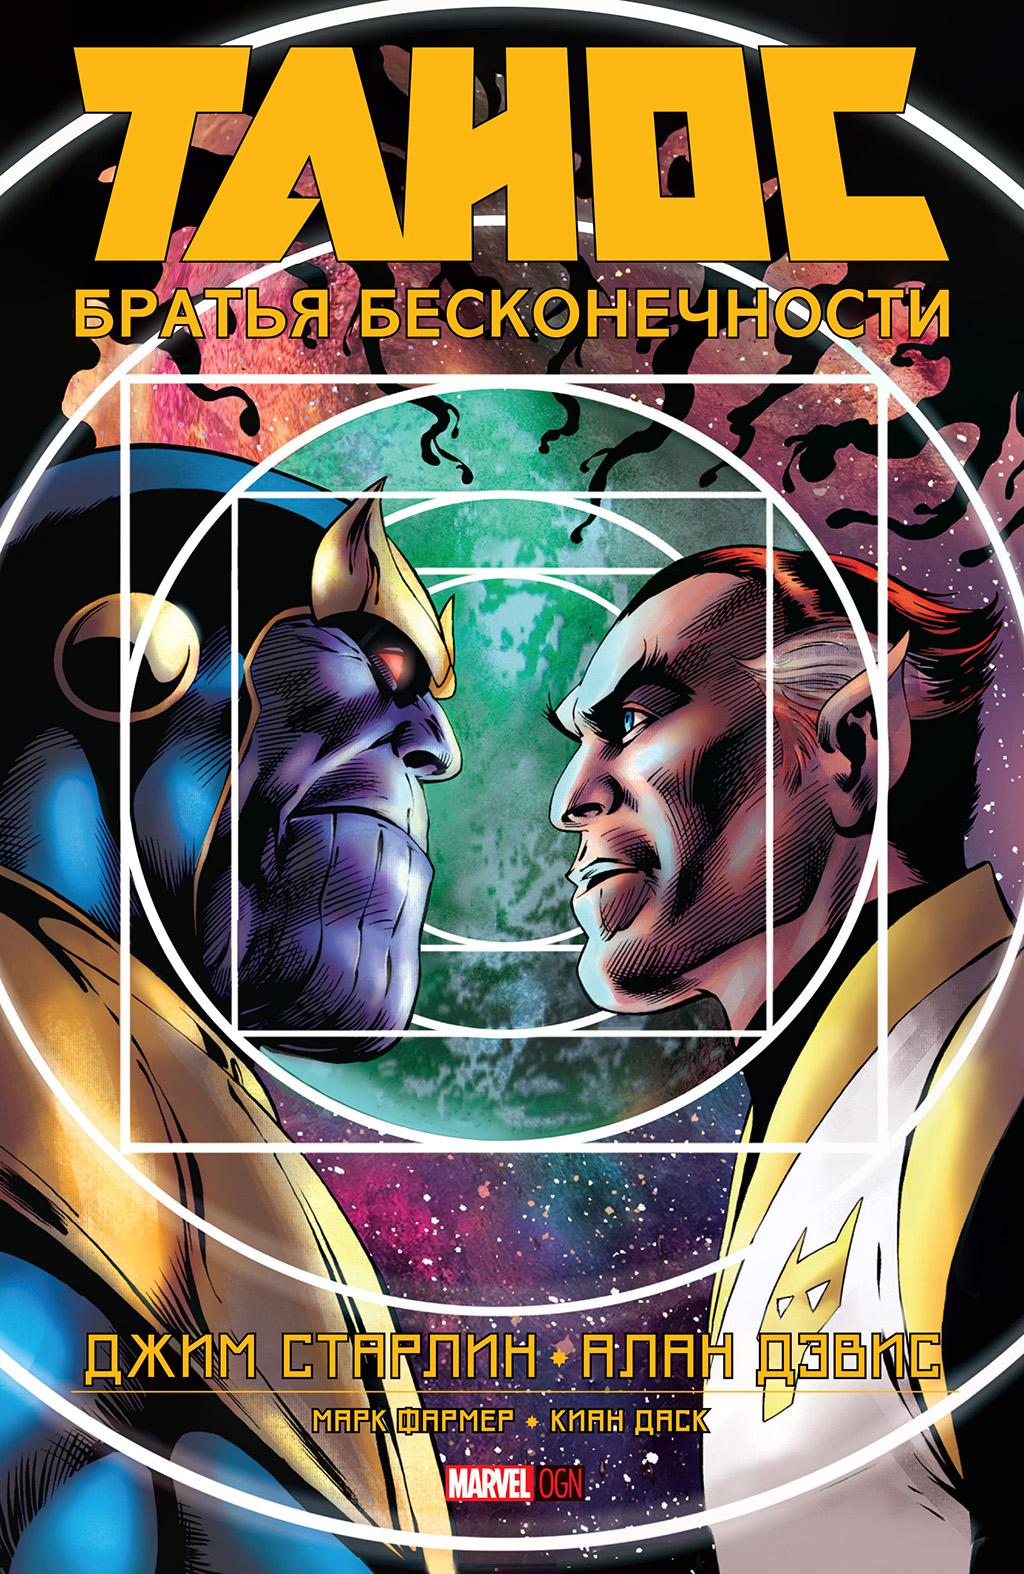 Комикс Танос - Братья Бесконечности